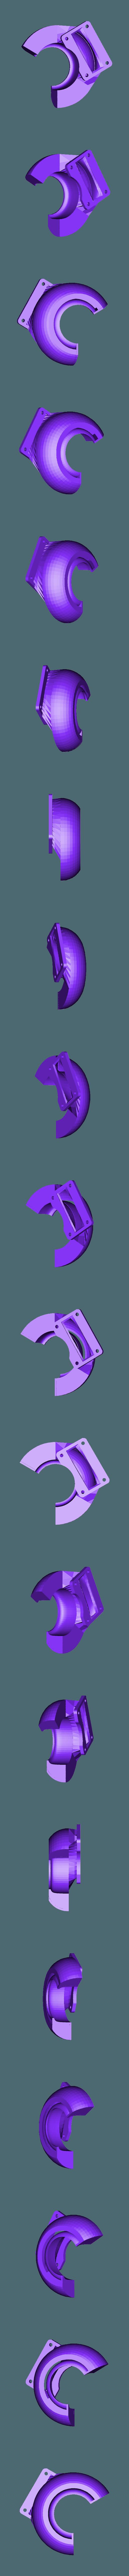 cooler.stl Télécharger fichier STL gratuit Hotend E3D v6 léger pour kossel anycubic (version filetée) • Modèle pour imprimante 3D, aleph34